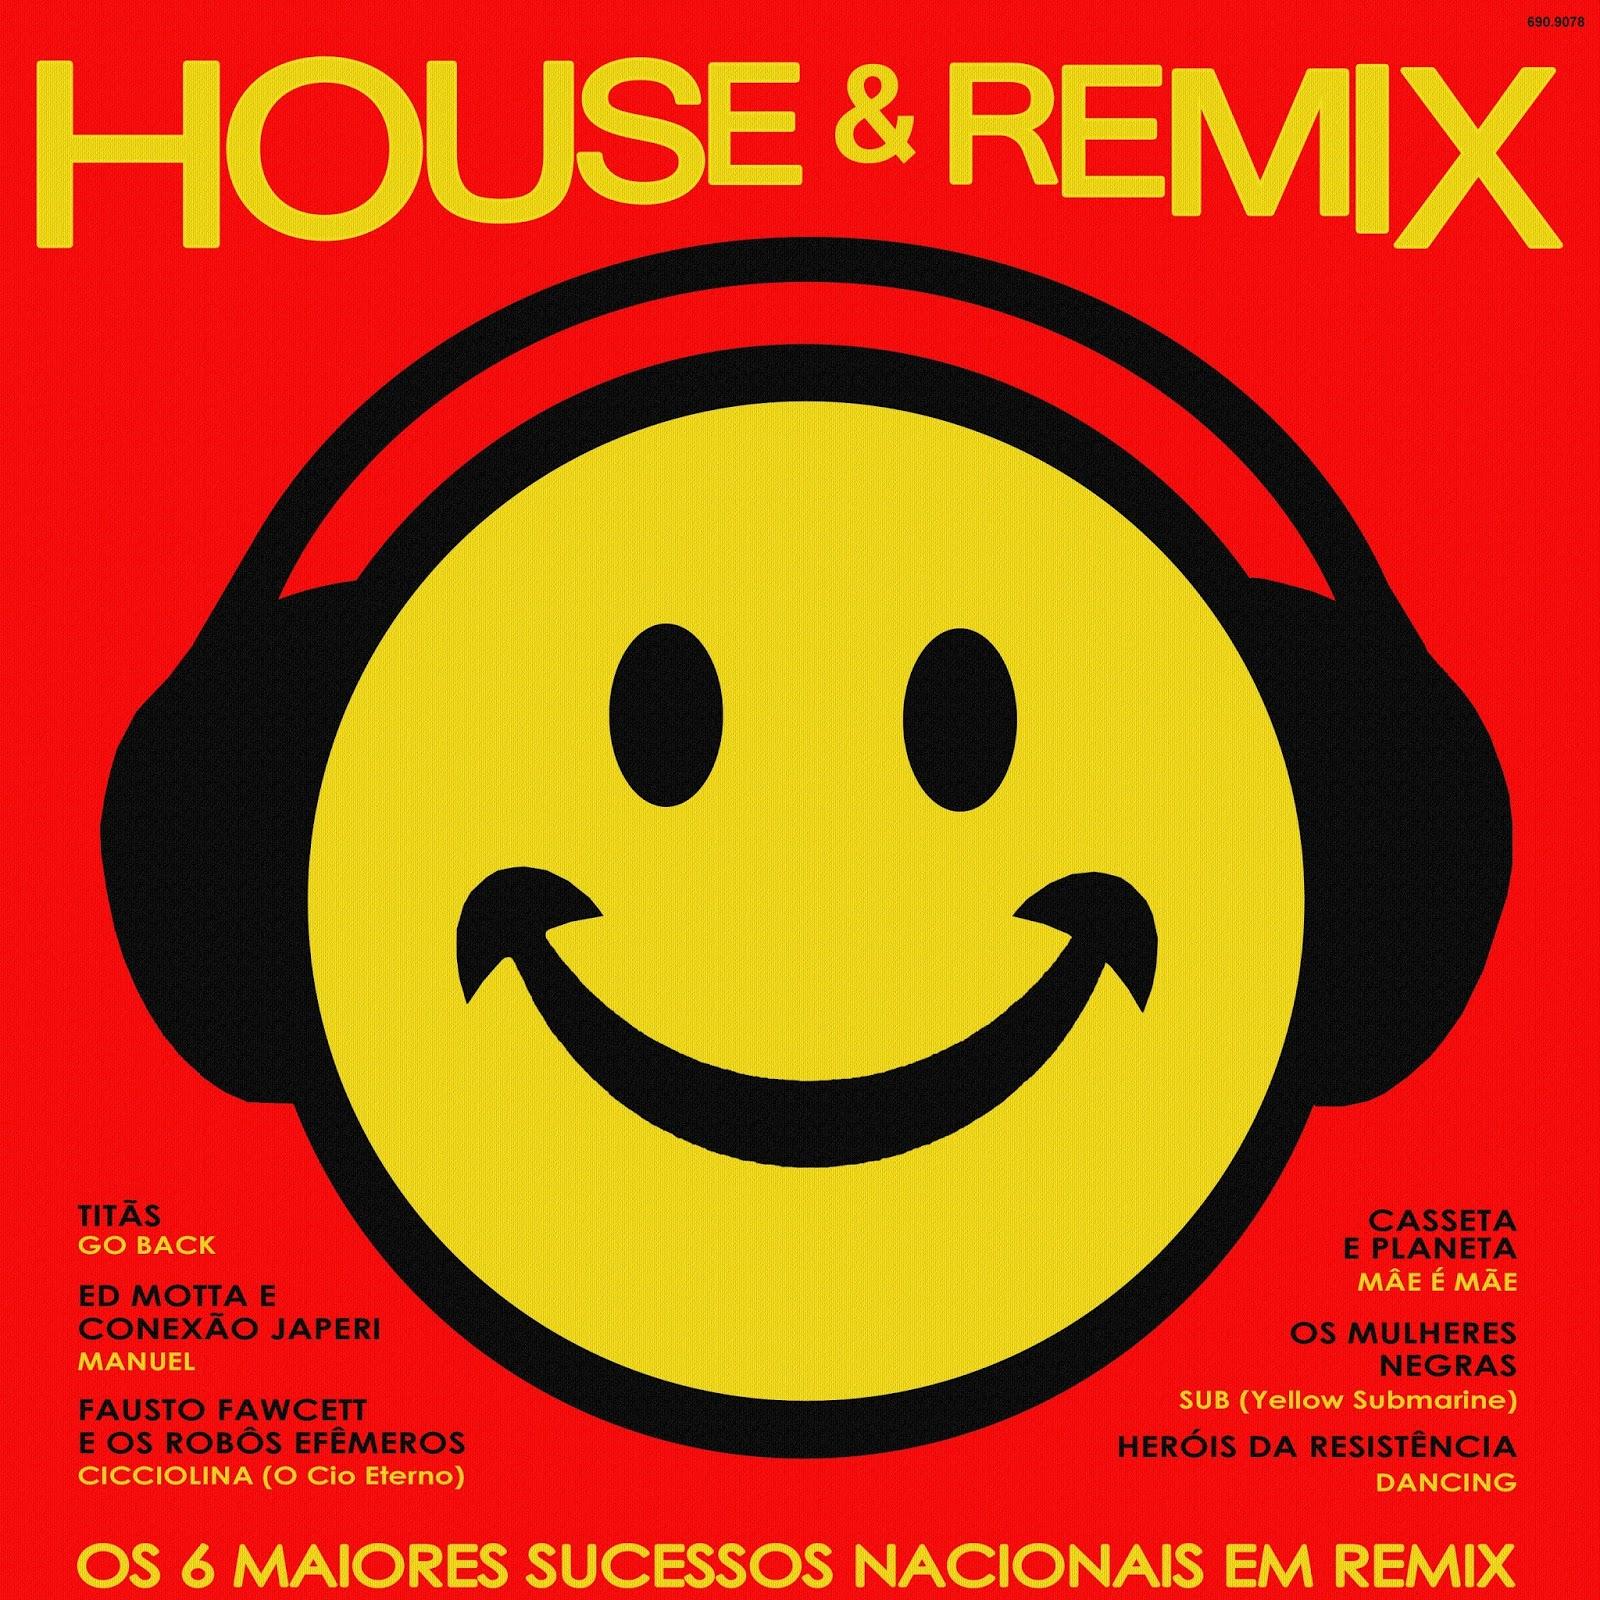 Seja bem vindo house and remix nacional 1 1989 e 2 1990 for House music 1990 songs